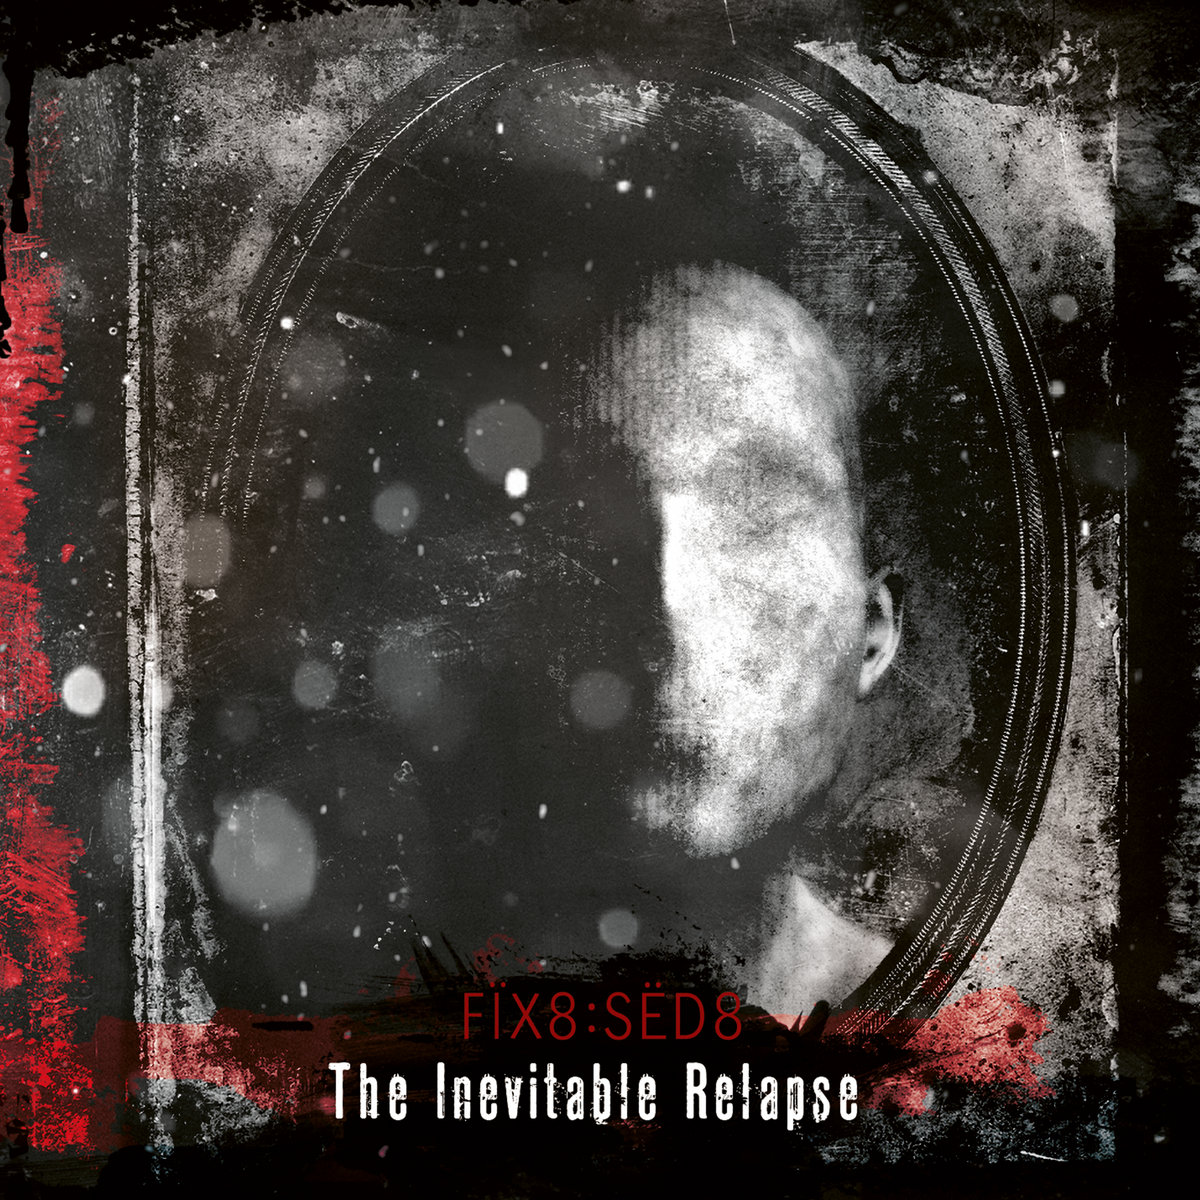 Fïx8:Sëd8 – The Inevitable Relapse (Rail At A Liar) (2021) [FLAC]